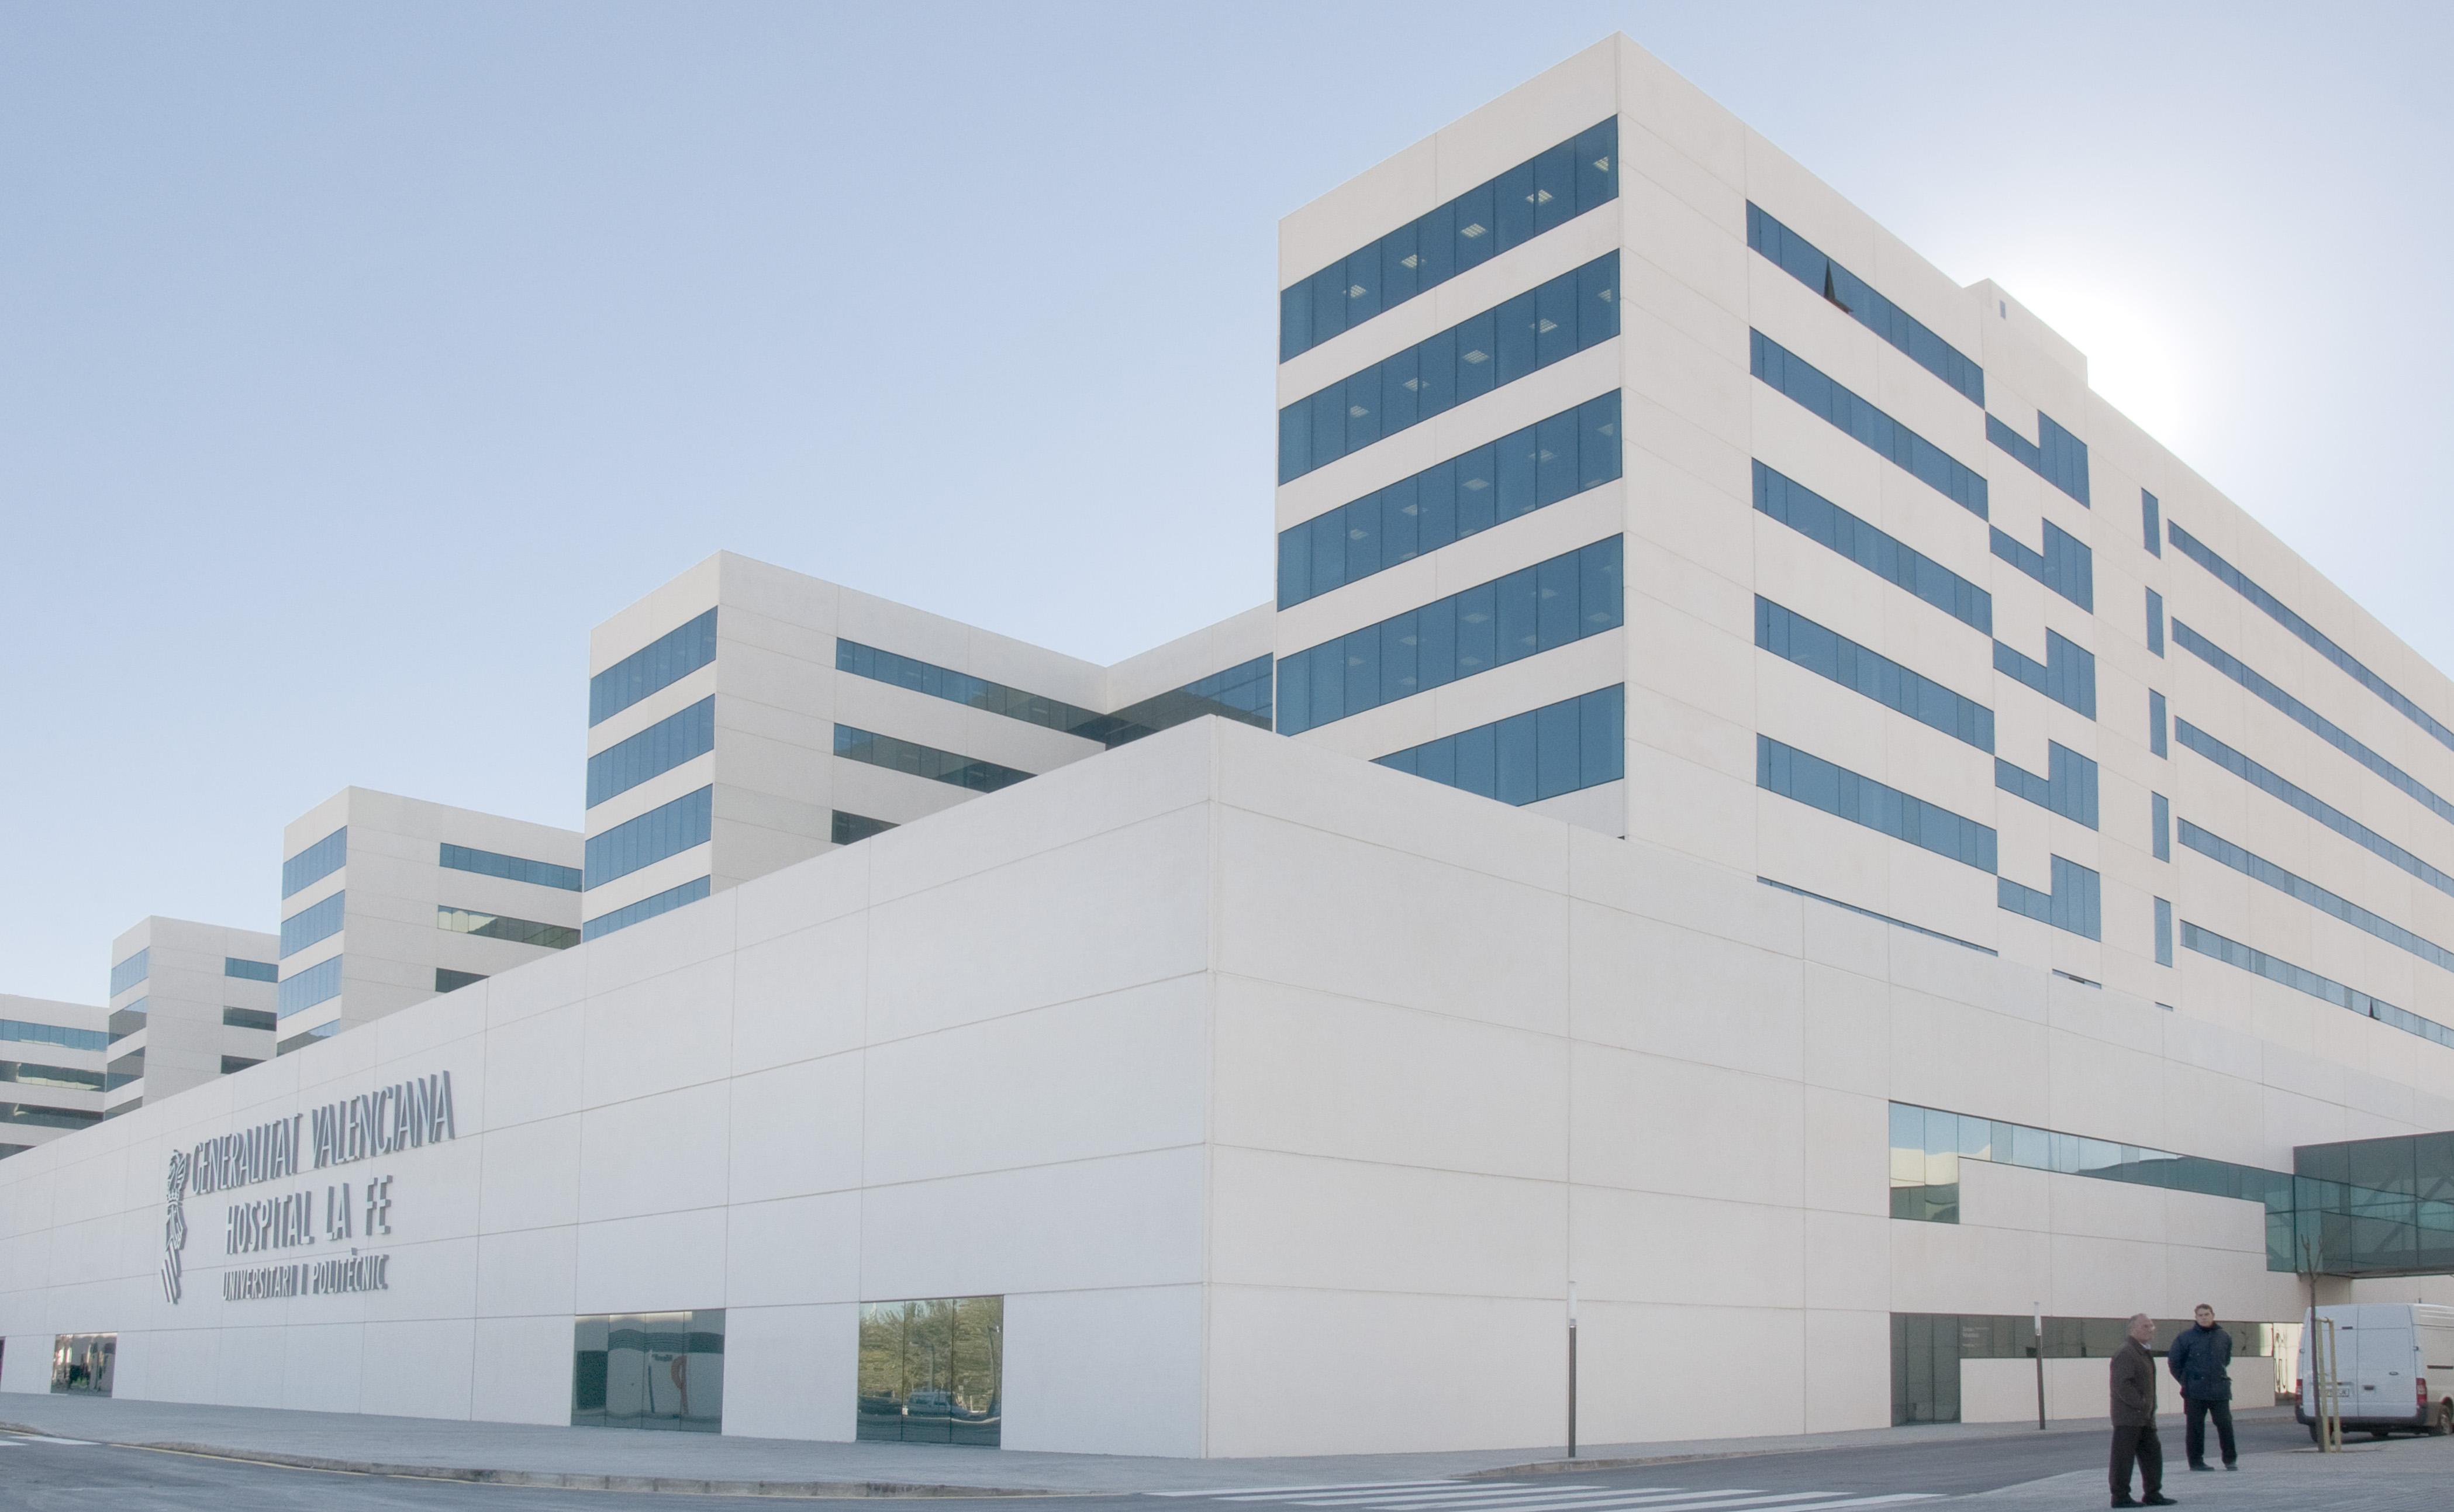 el-hospital-de-la-fe-de-valencia-el-tercer-hospital-elegido-por-los-profesionales-sanitarios-de-españa